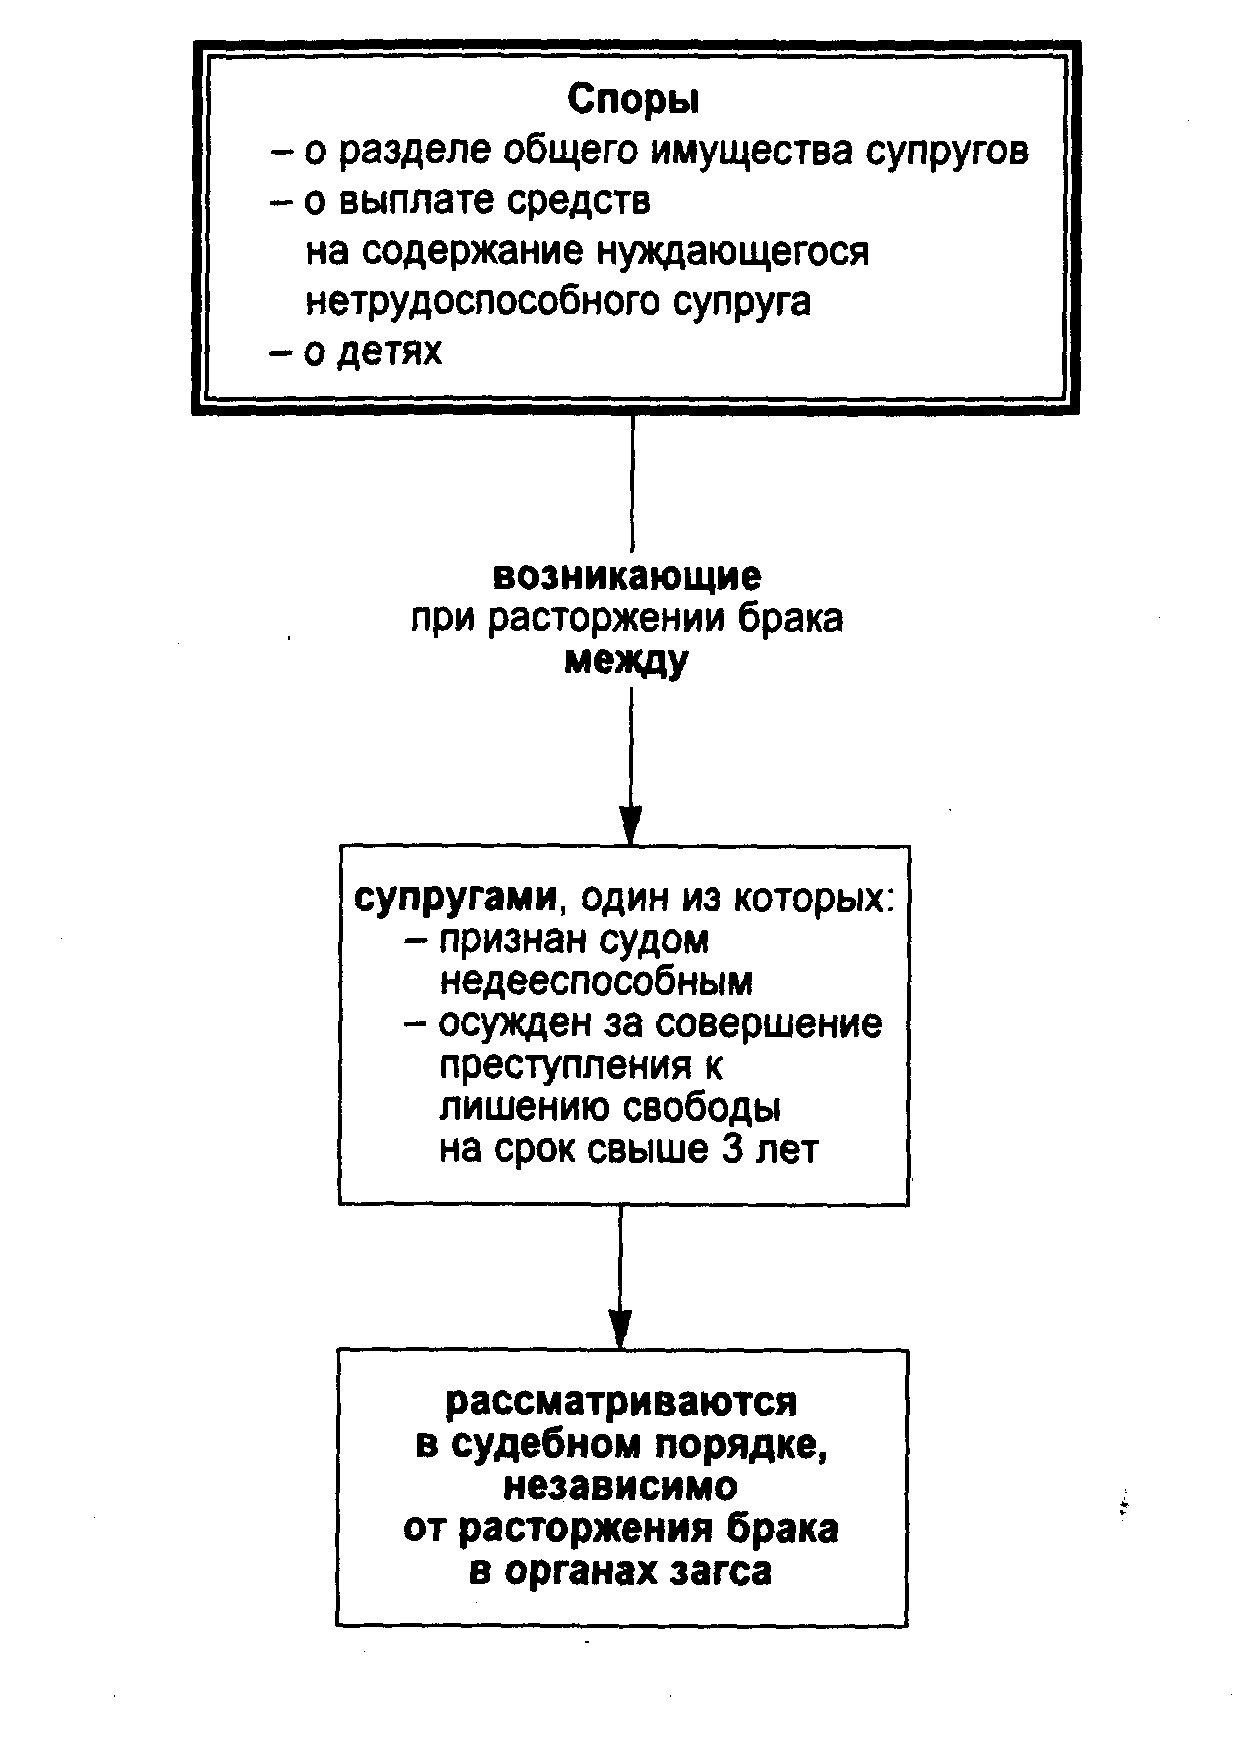 19659030-biznes-i-semya-referat